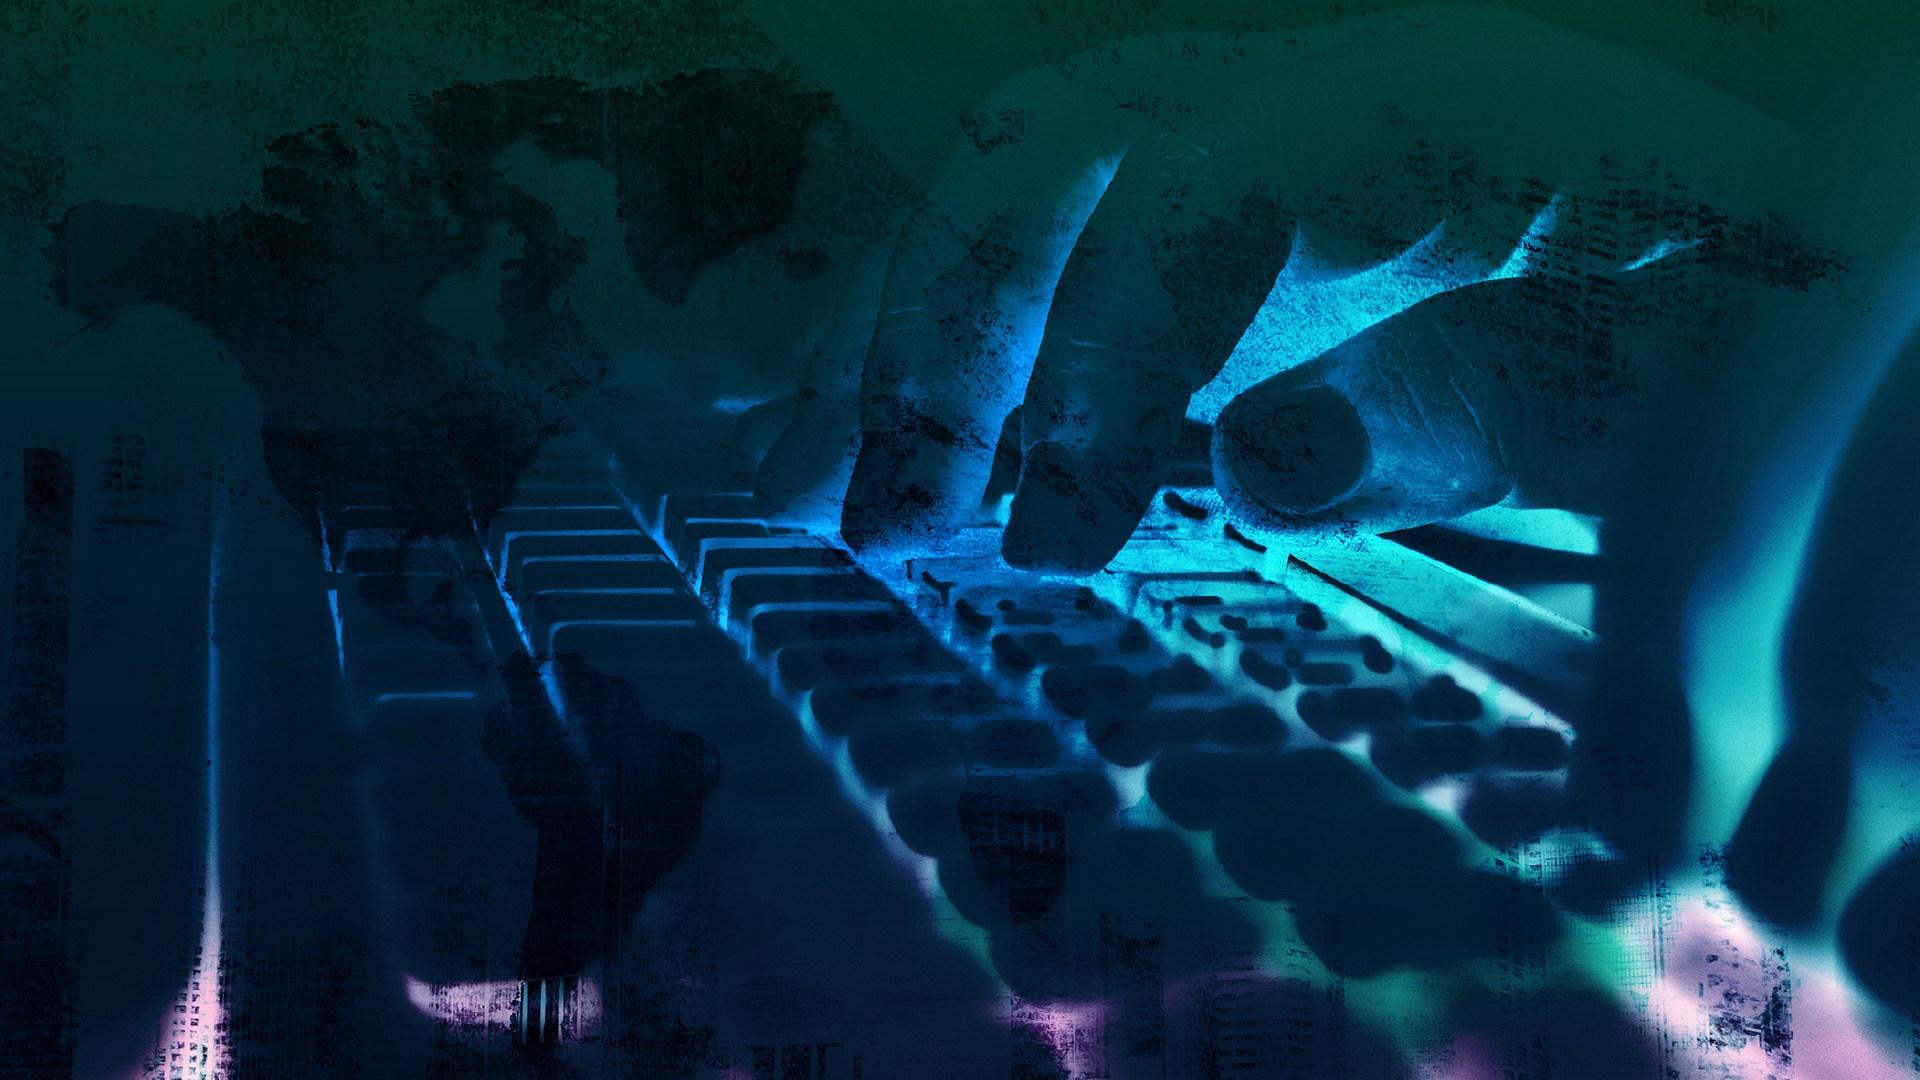 Betriebssystem, Sicherheit, Sicherheitslücke, Hacker, Security, Hack, Linux, Kriminalität, Tastatur, Cybercrime, Cybersecurity, Hacking, Hackerangriff, Internetkriminalität, Hacken, Hacks, Unix, Basis